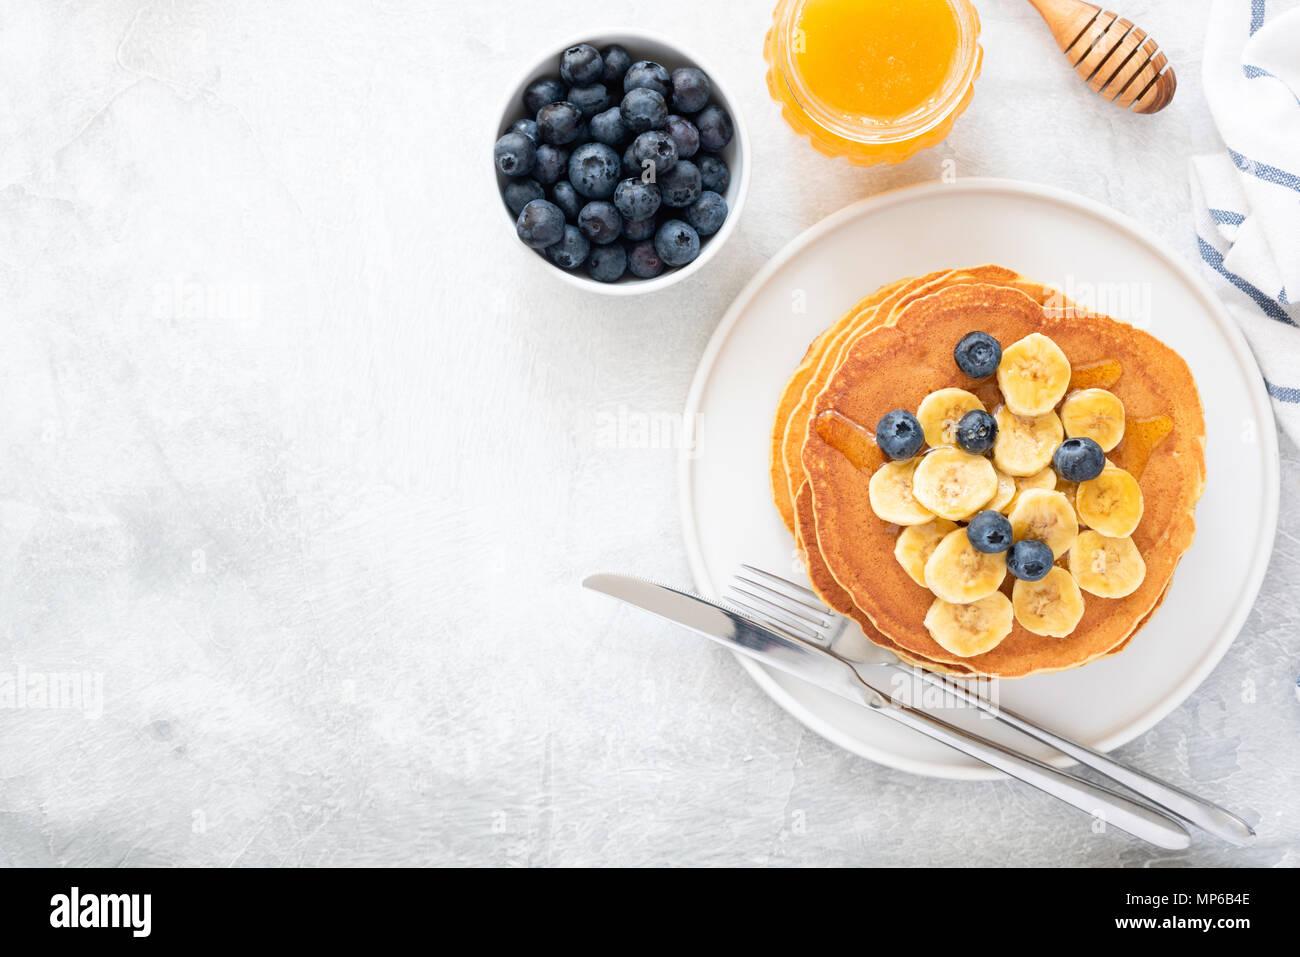 Tortitas de suero de leche con plátano, arándanos y miel sobre antecedentes concretos. Vista superior y espacio para copiar texto. Vista superior de tortitas con bayas en Imagen De Stock